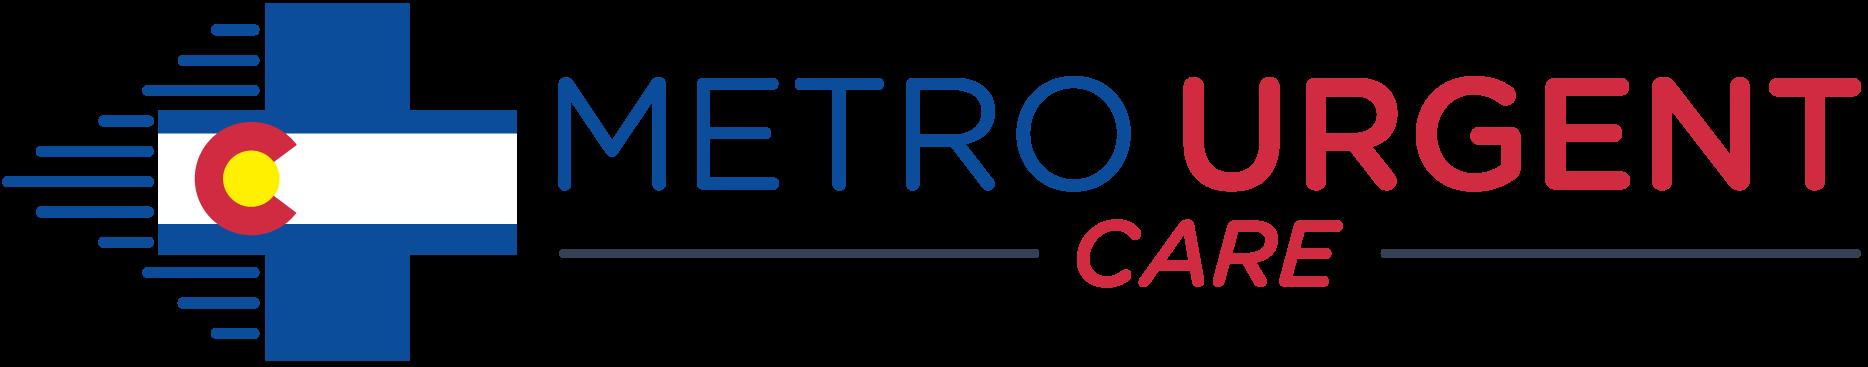 Metro Urgent Care - Monaco Pkwy Logo